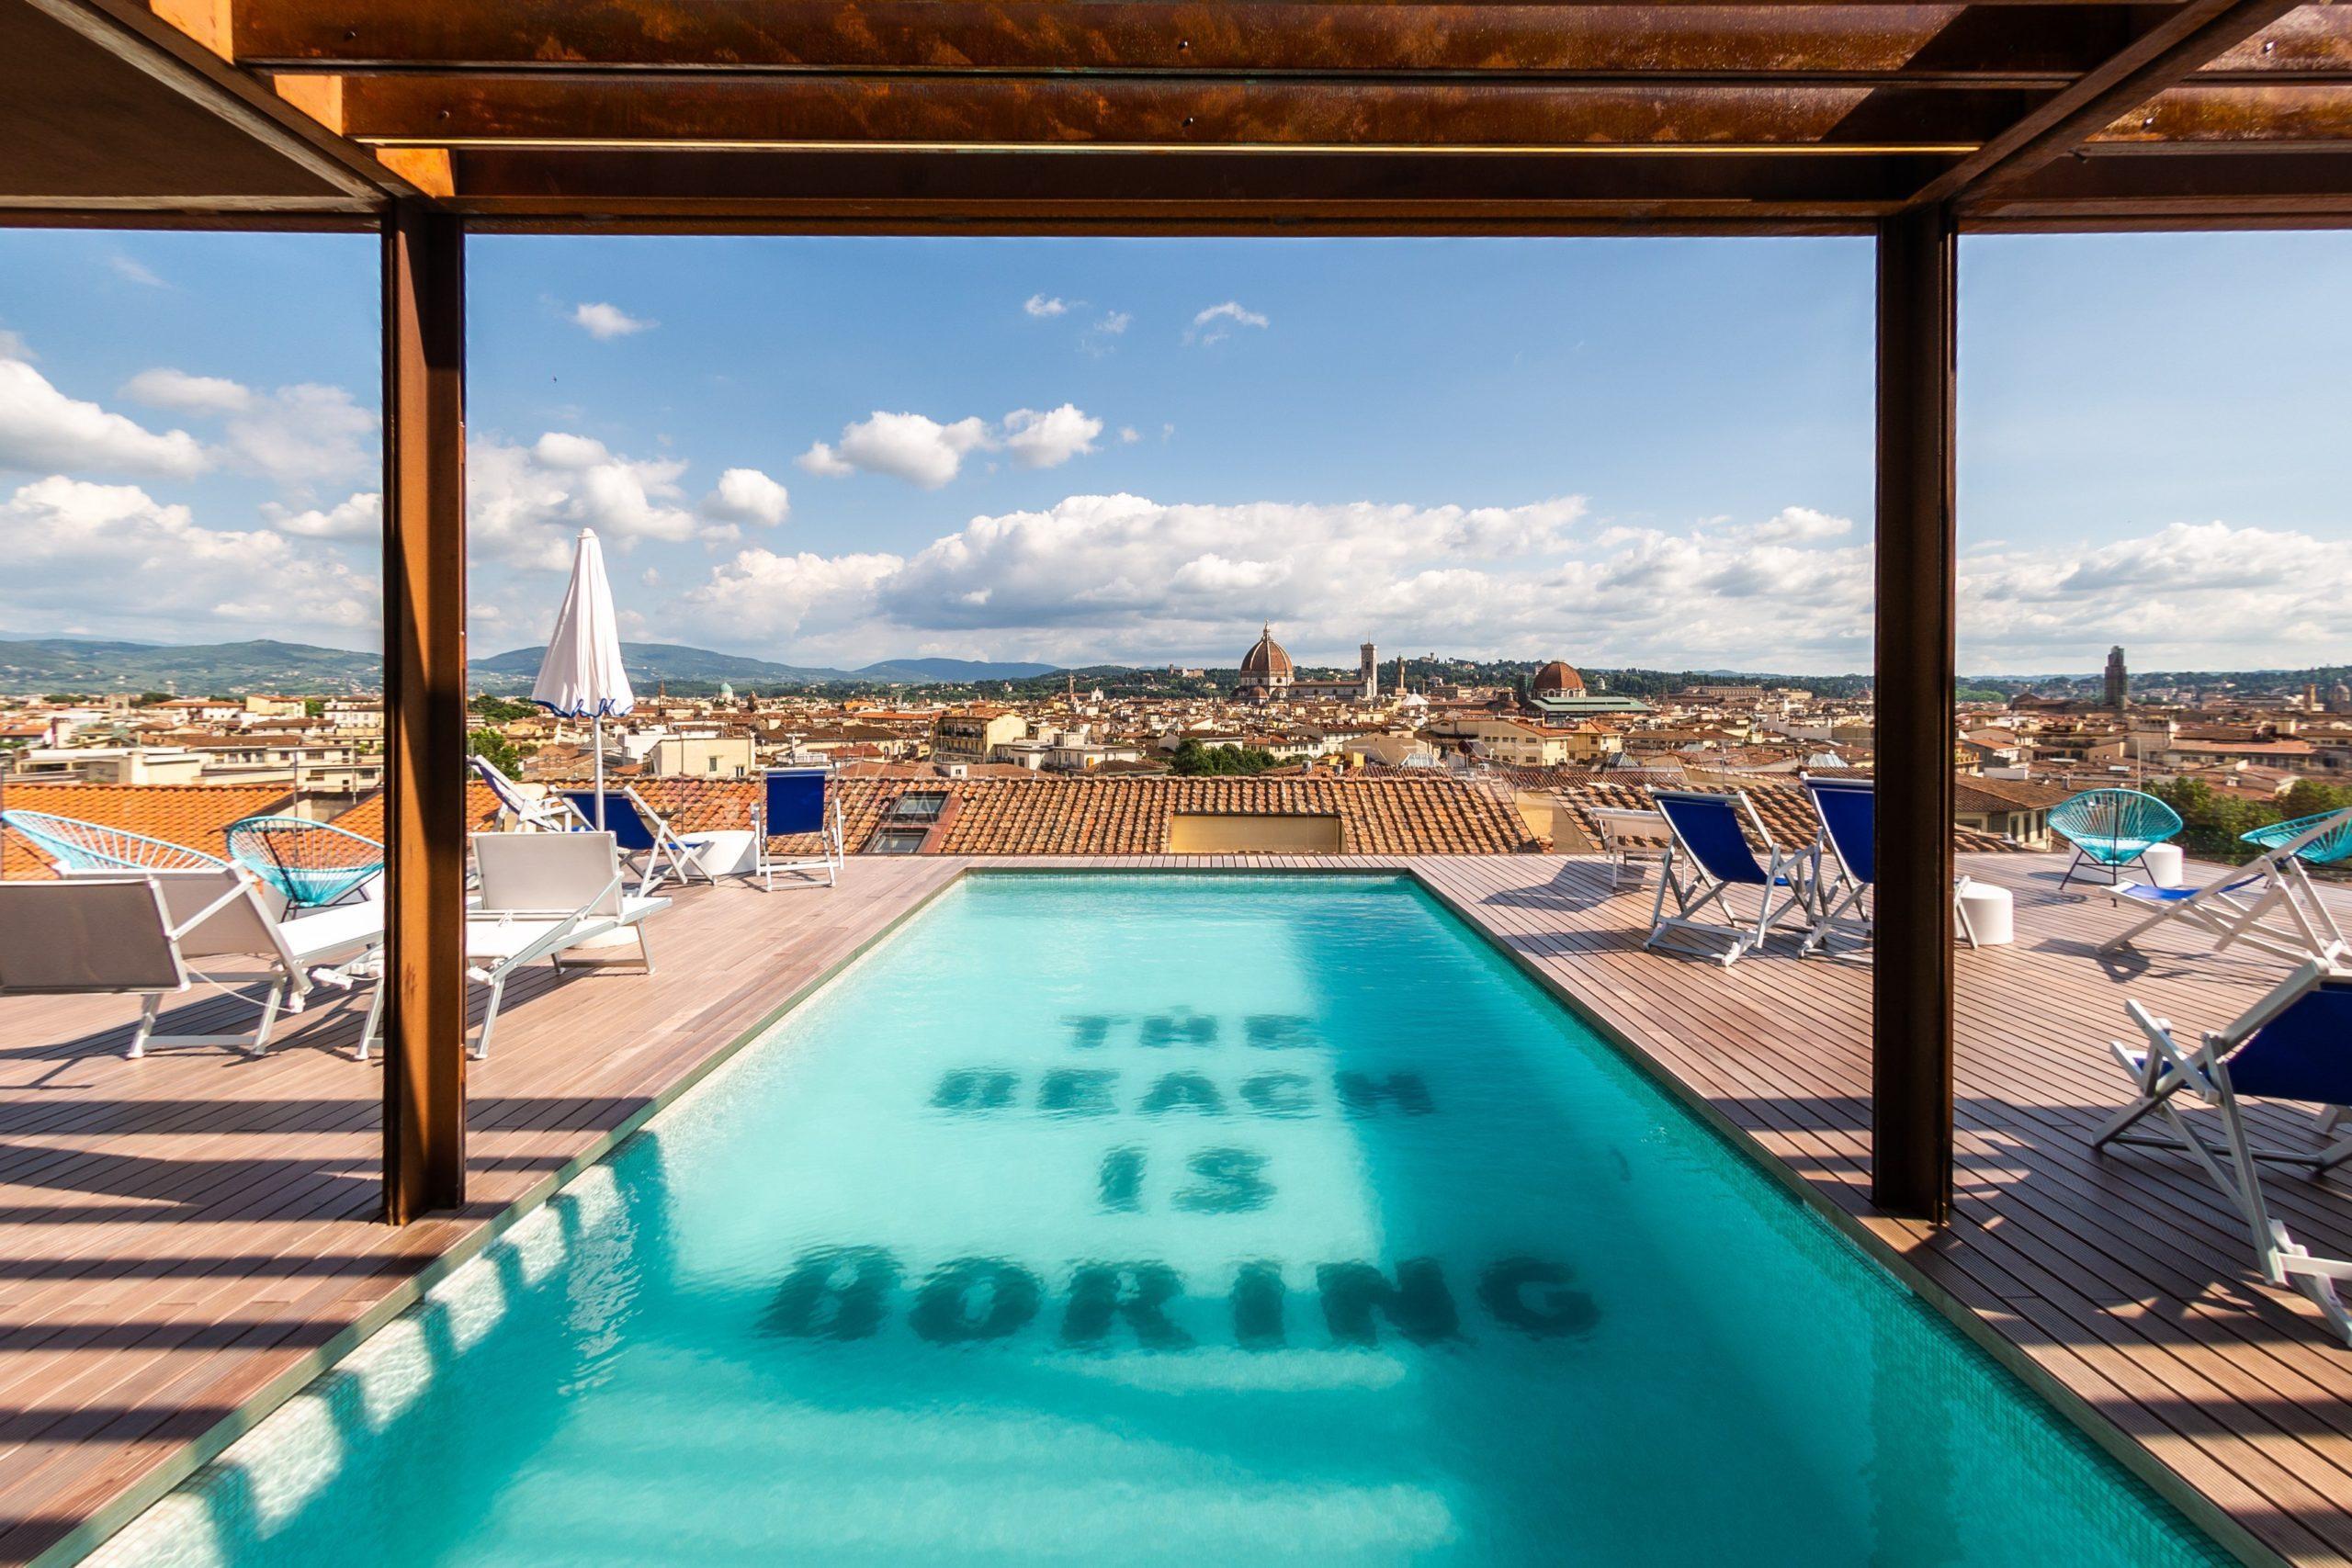 The Student Hotel, la rivoluzione nel mondo dell'ospitalità